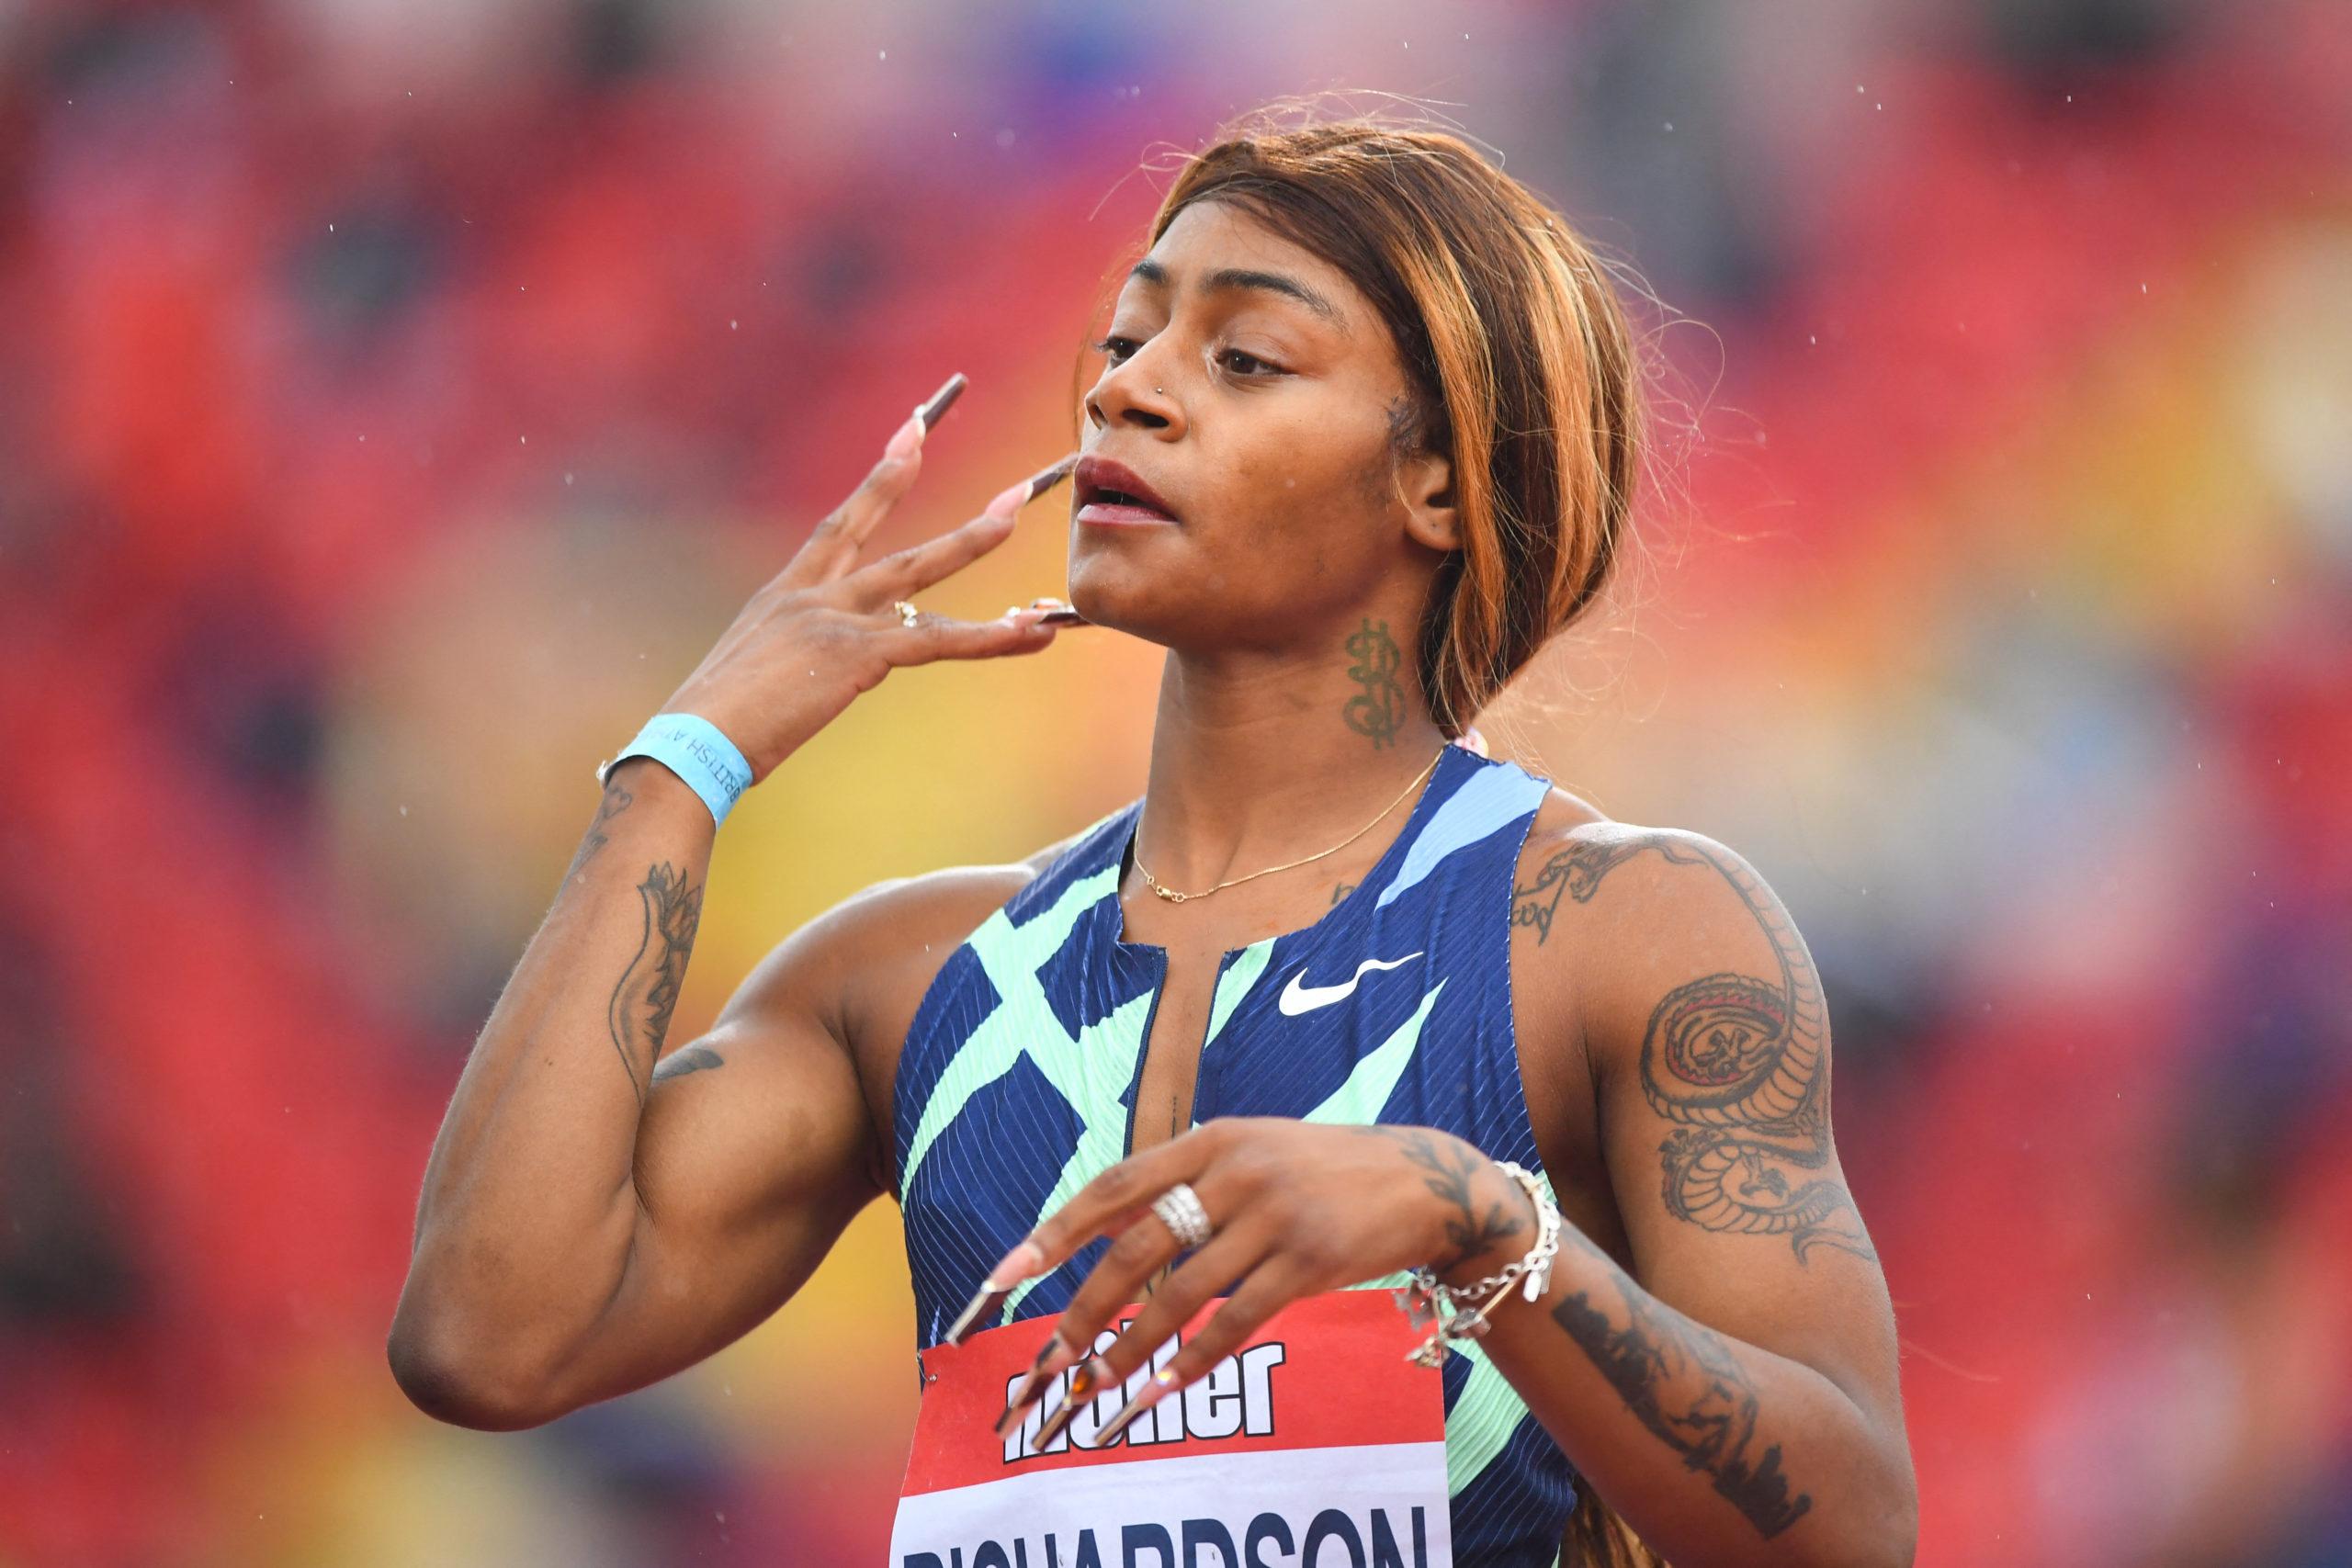 Sha'Carri Richardsonnak ugrott a tokiói olimpia